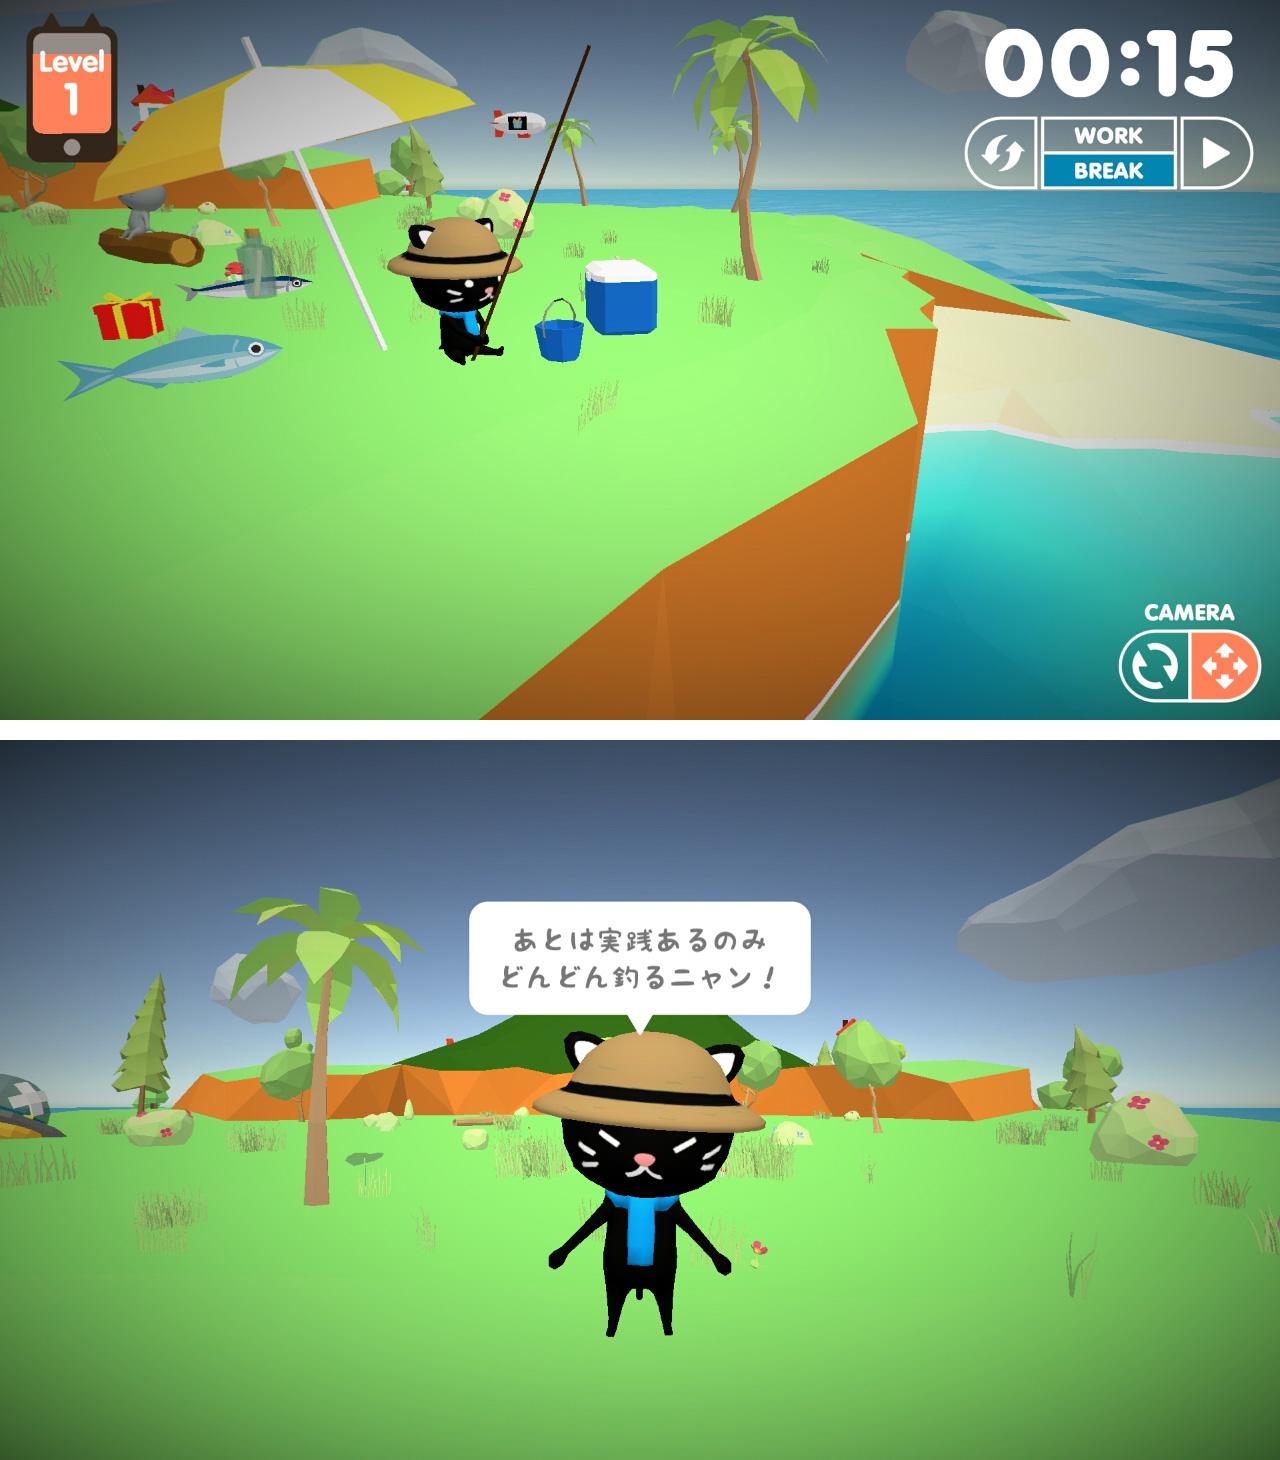 釣りにゃんこ物語 androidアプリスクリーンショット1